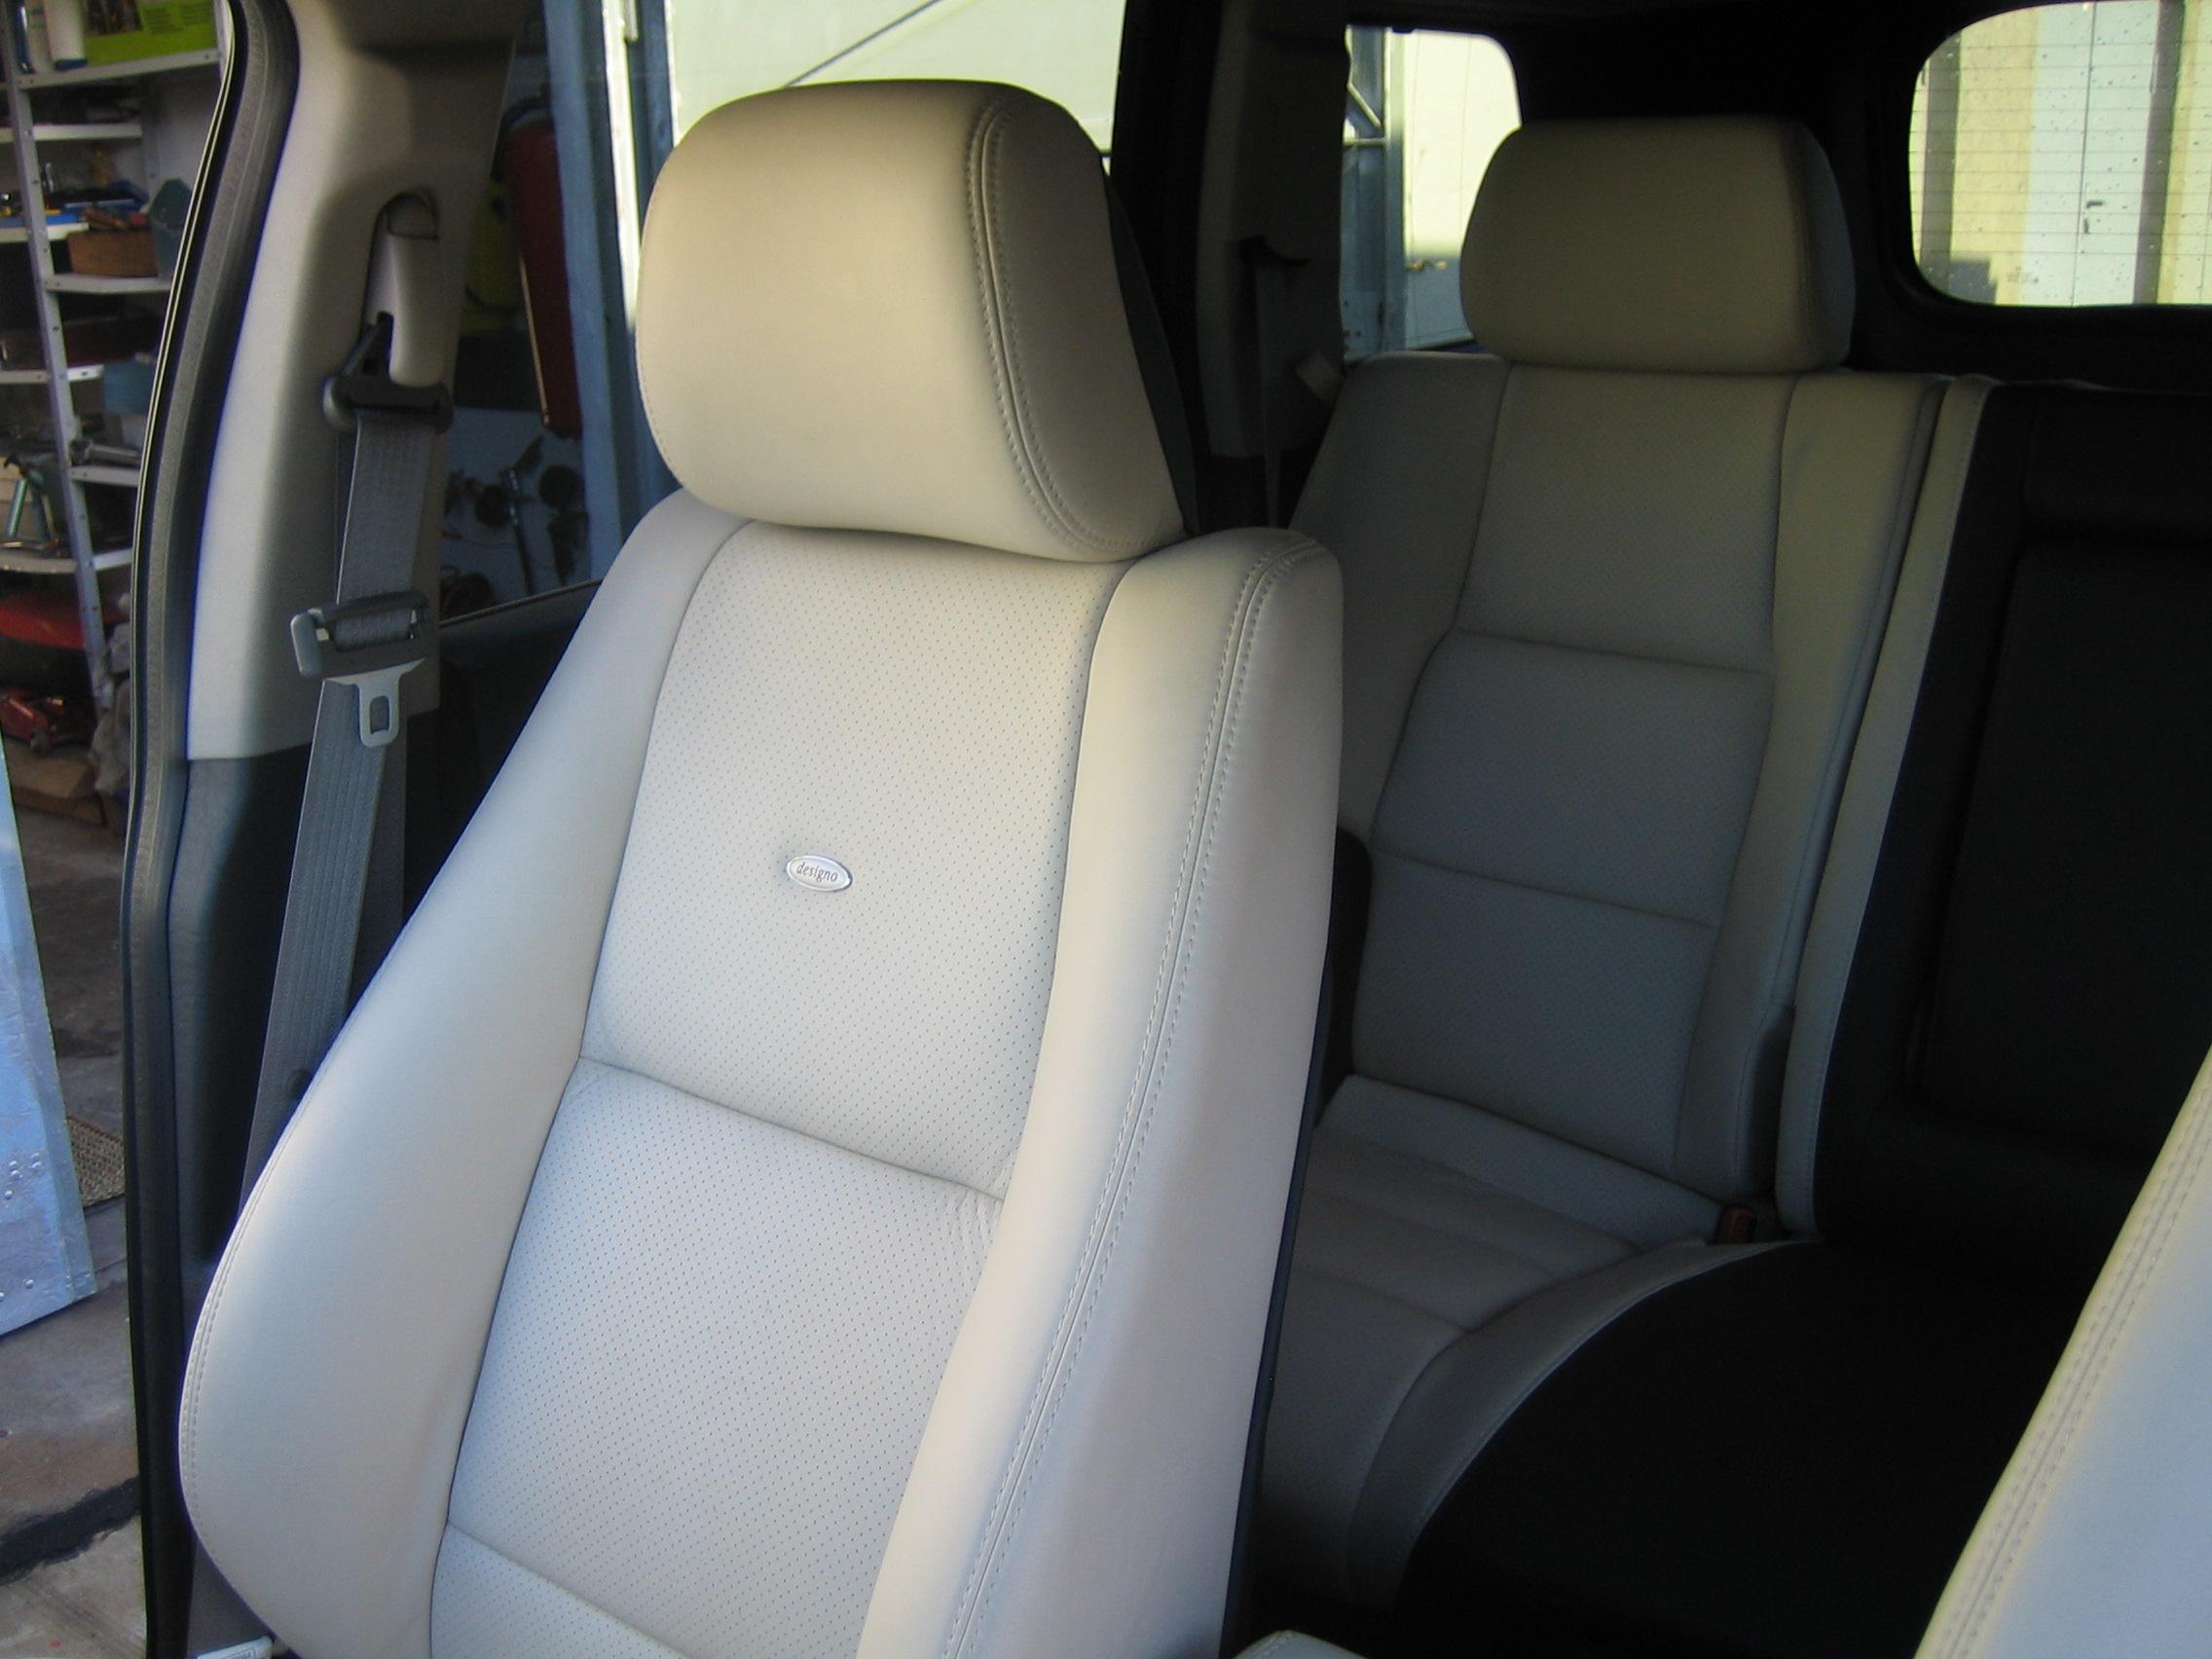 Ledersitze - Innenausstattung für Fahrzeuge 021